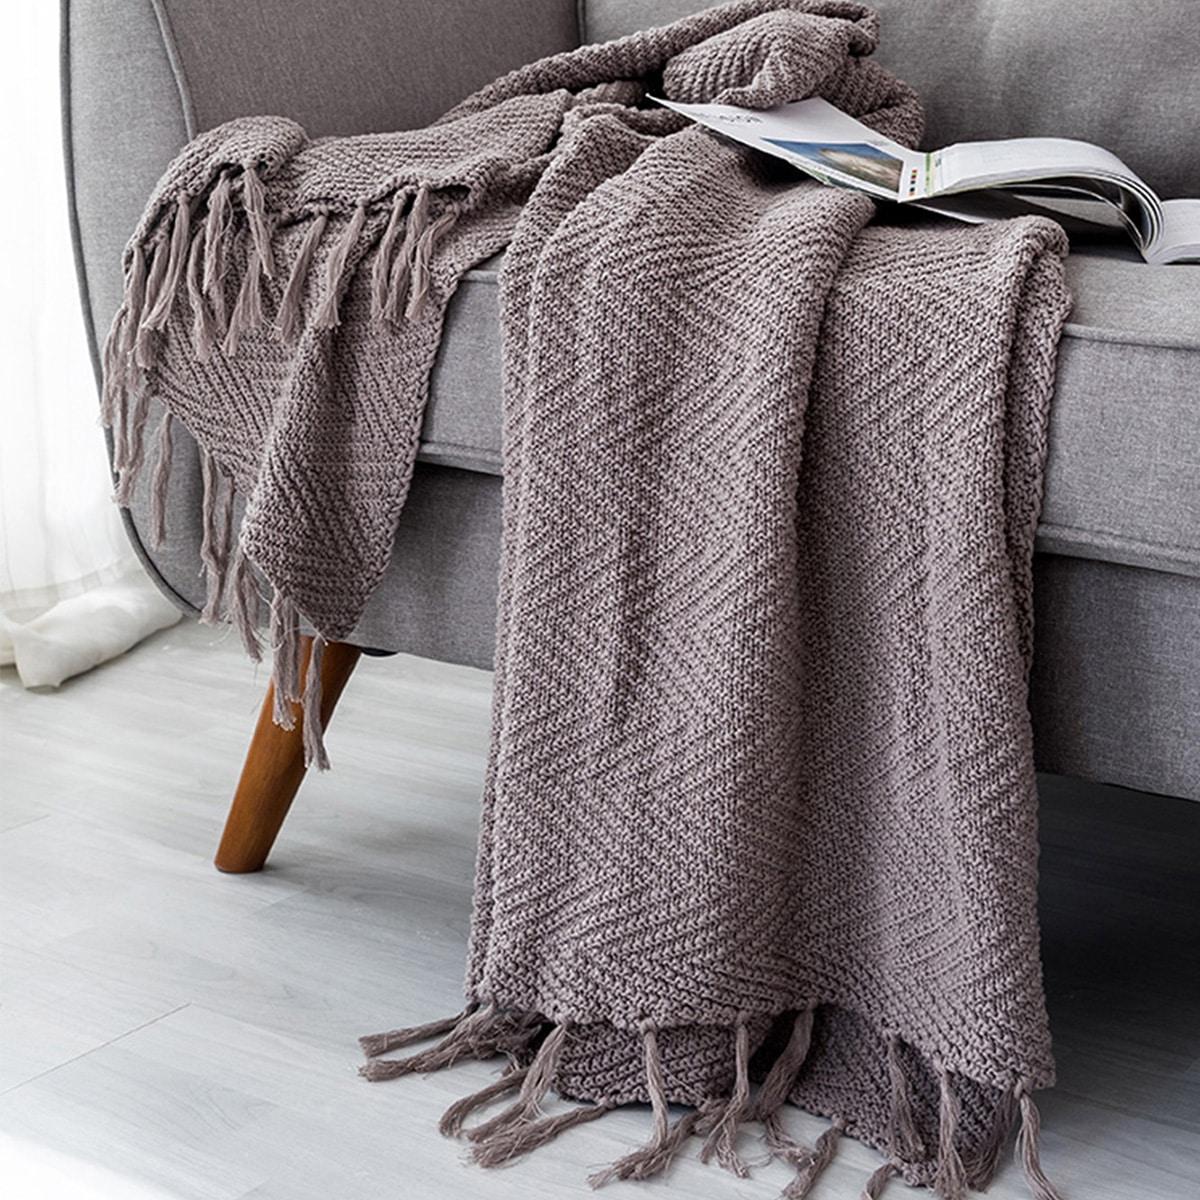 Solid Tassel Blanket